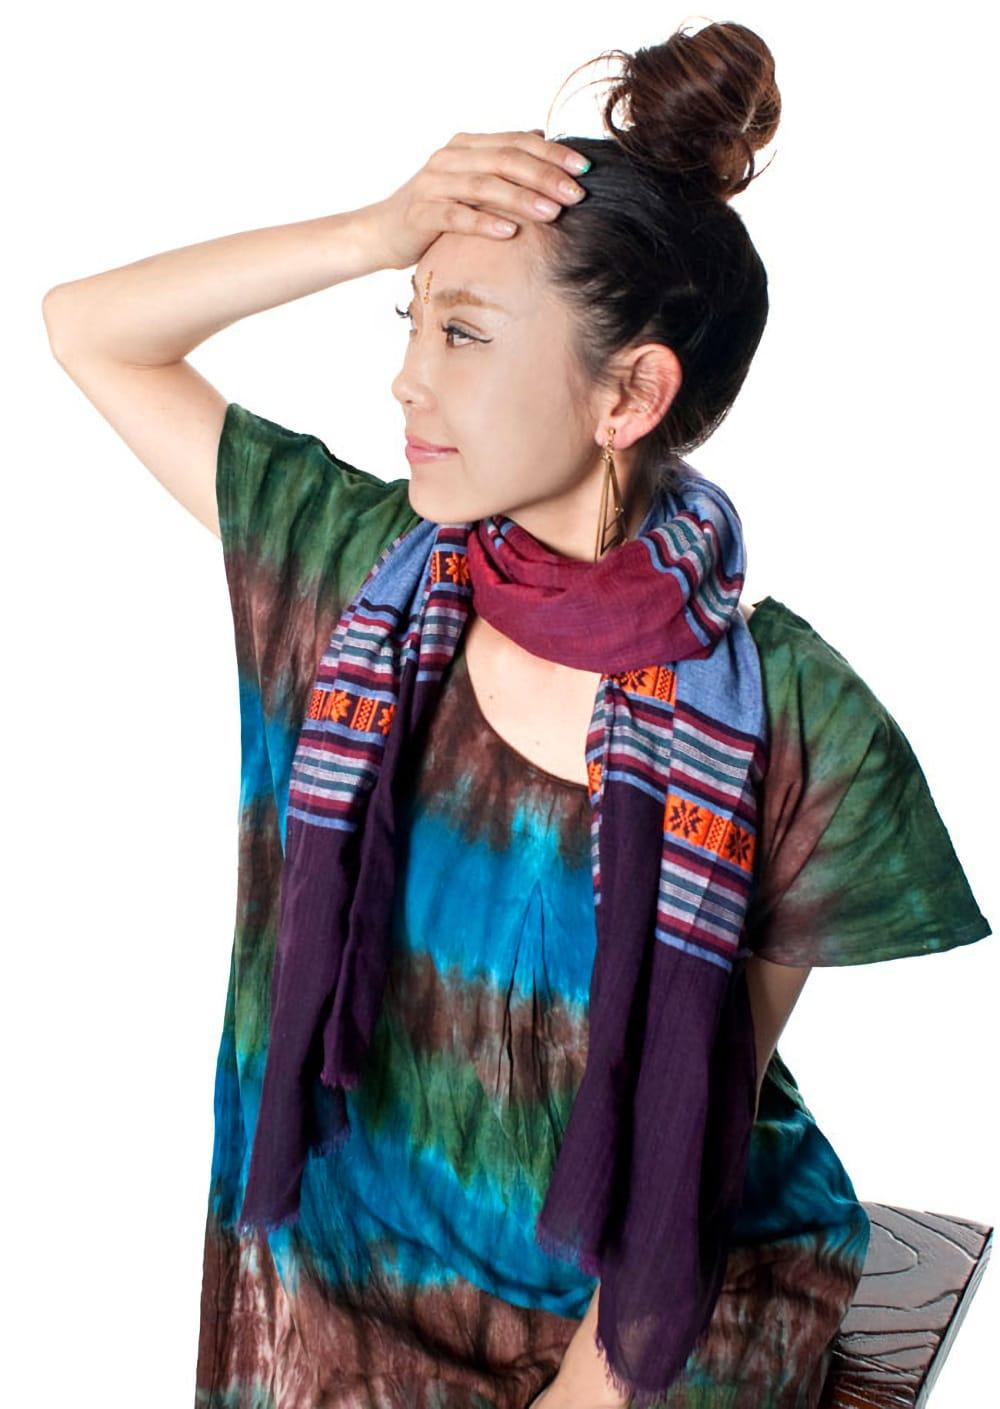 〔暖色系アソート〕ベトナム ターイ族の伝統手織りスカーフ・デコレーション布(切りっぱなし) 8 - もちろんスカーフや、ストールとしても!さらりと柔らかく巻き心地が良いです。